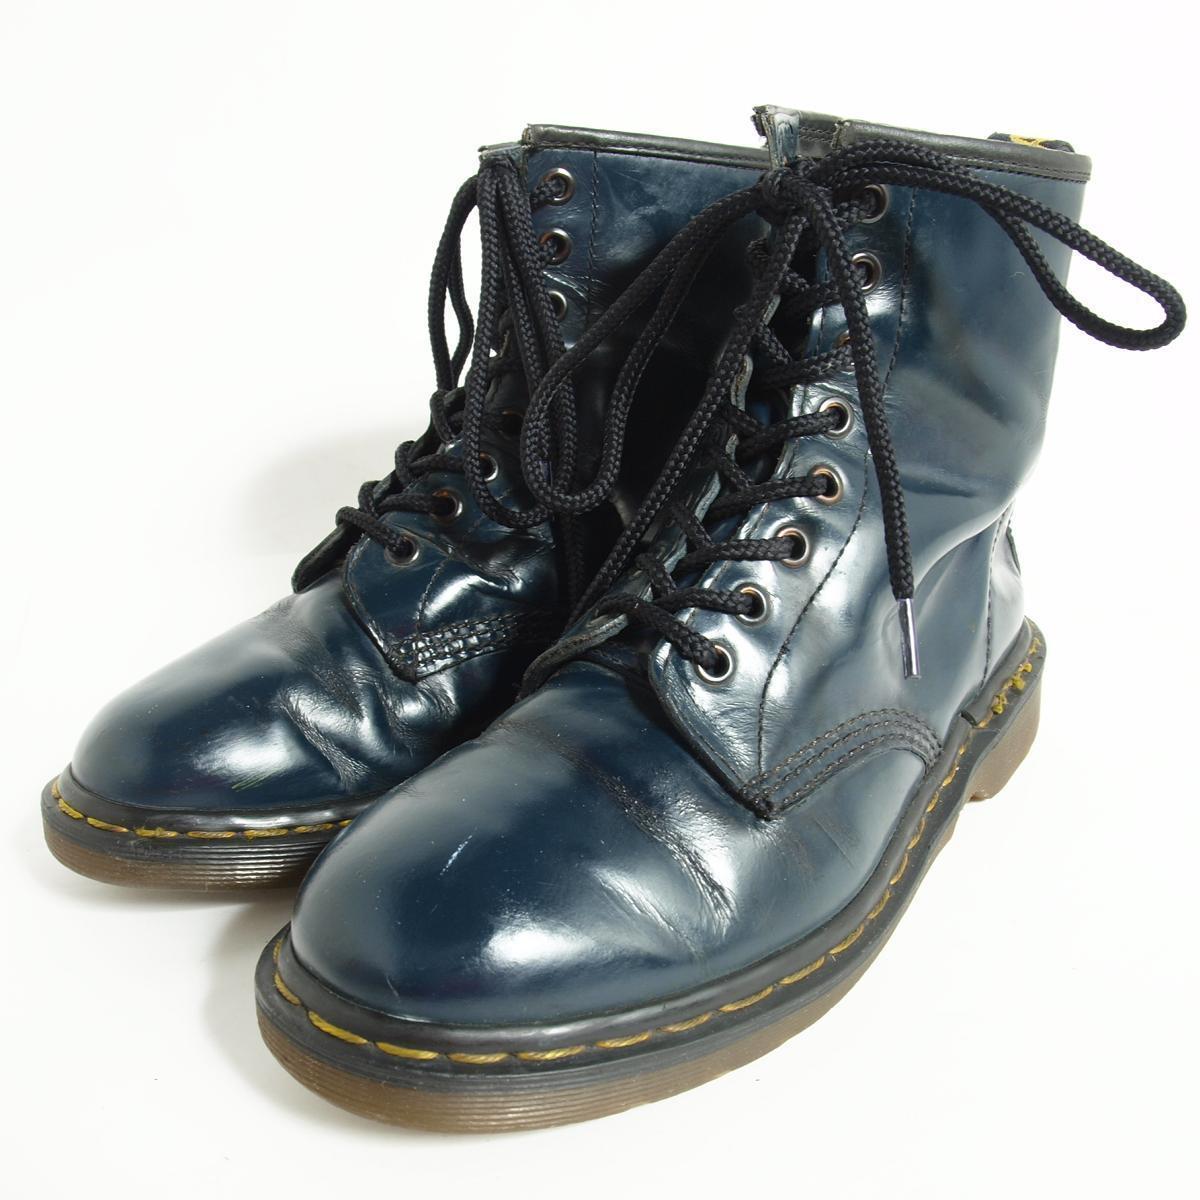 ドクターマーチン 英国製 8ホールブーツ UK6.5 メンズ25.0cm Dr.Martens /bol1364 【中古】 【170522】【SS1806】